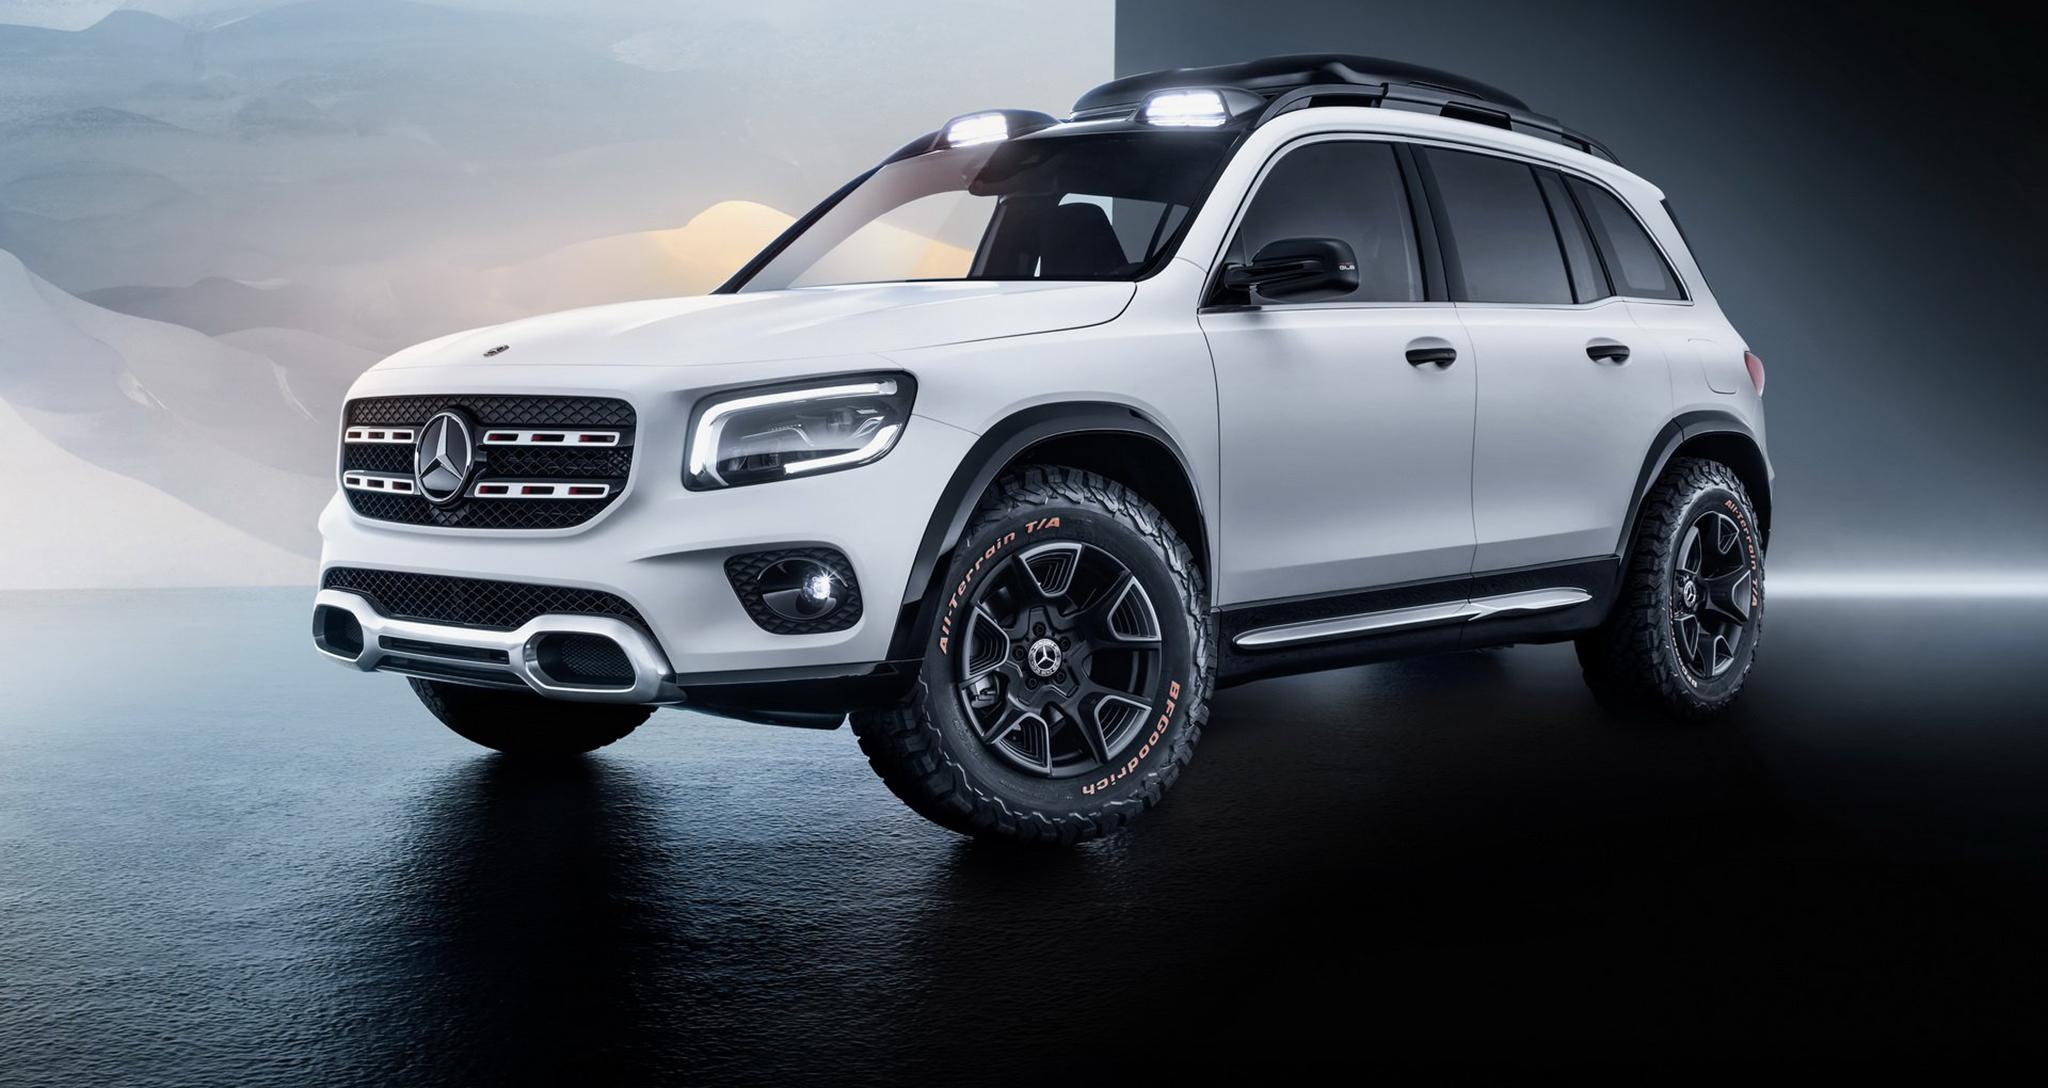 Mercedes GLB Concept ra mắt với 7 chỗ ngồi, dẫn động AWD